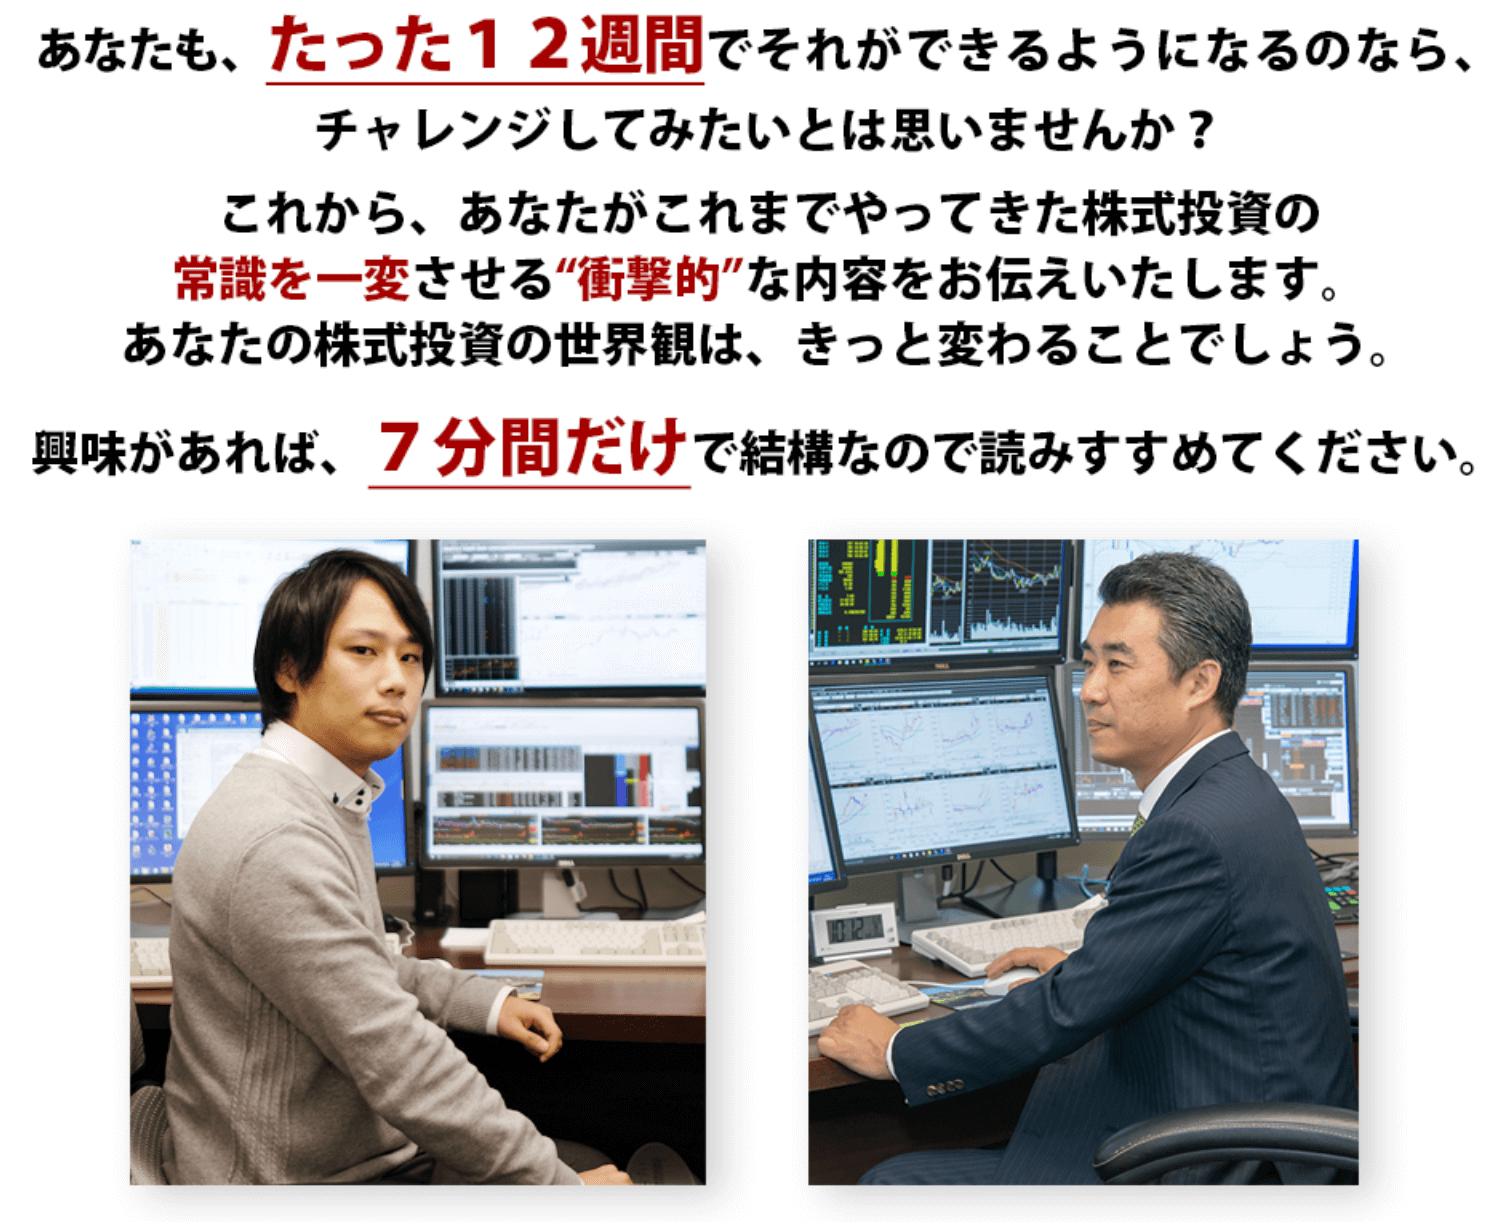 株の自動売買 ~12週間習得プログラム~豪華特典付き評判口コミレビュー